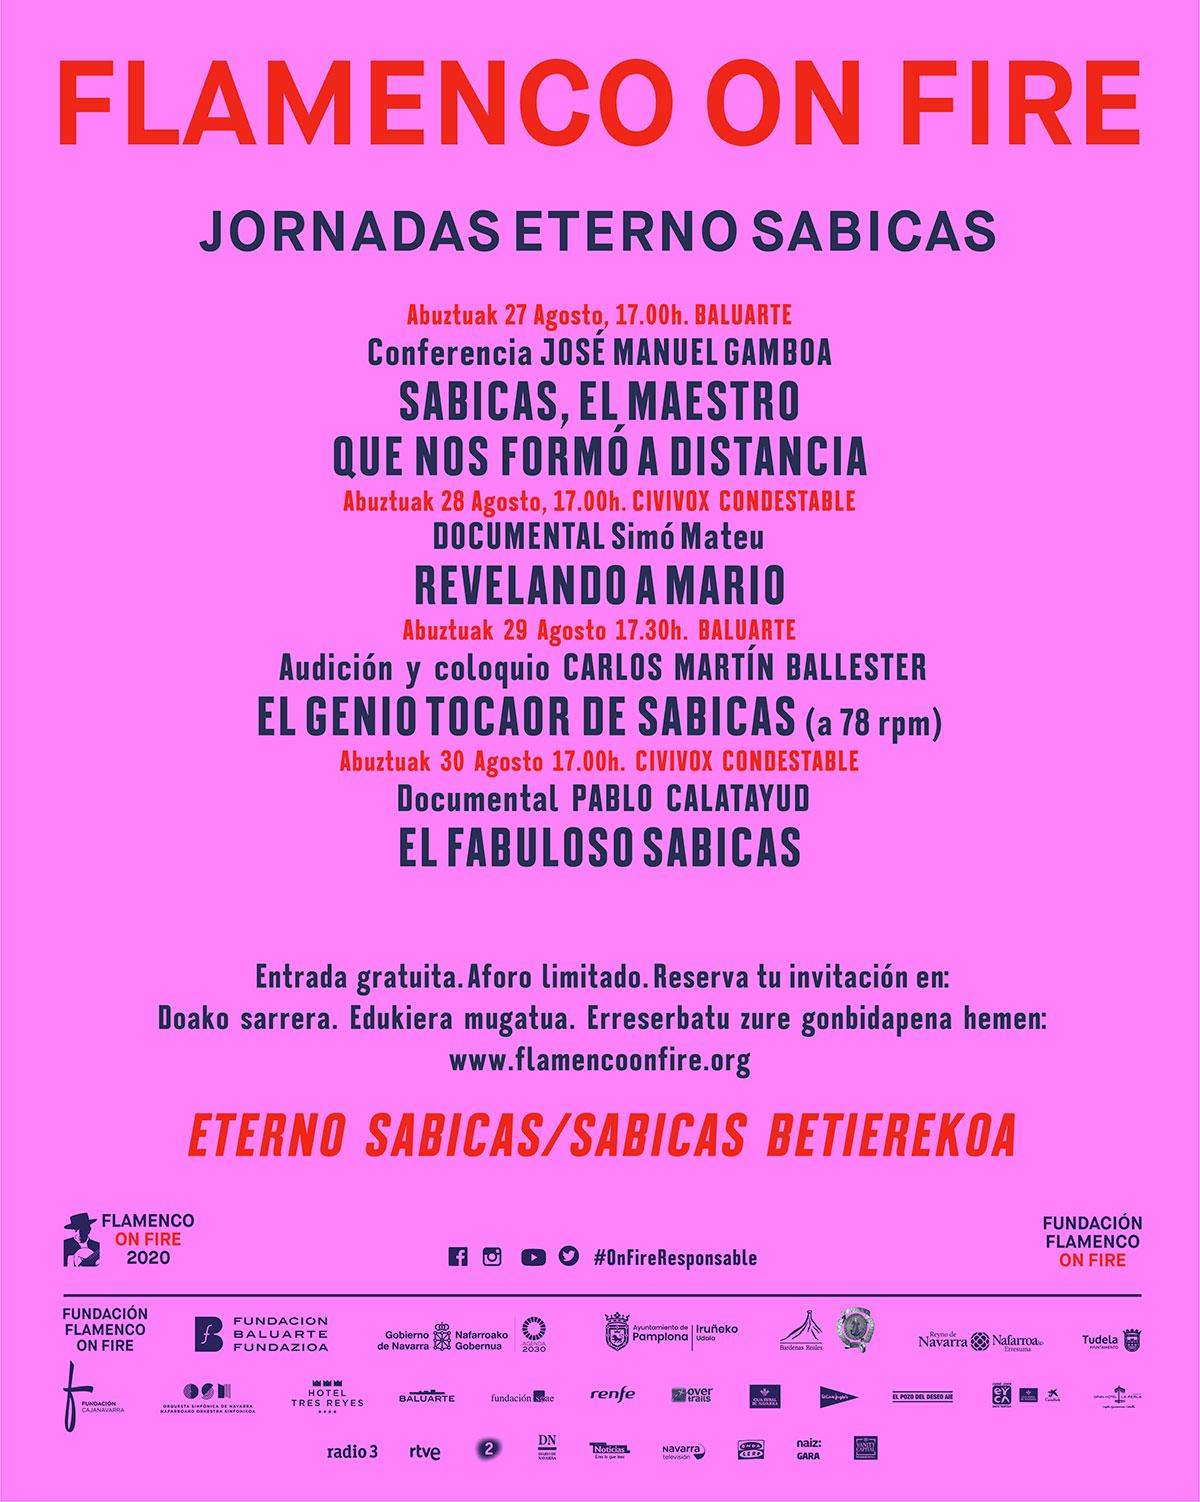 Jornadas Eterno Sábicas - Flamenco on Fire 2020